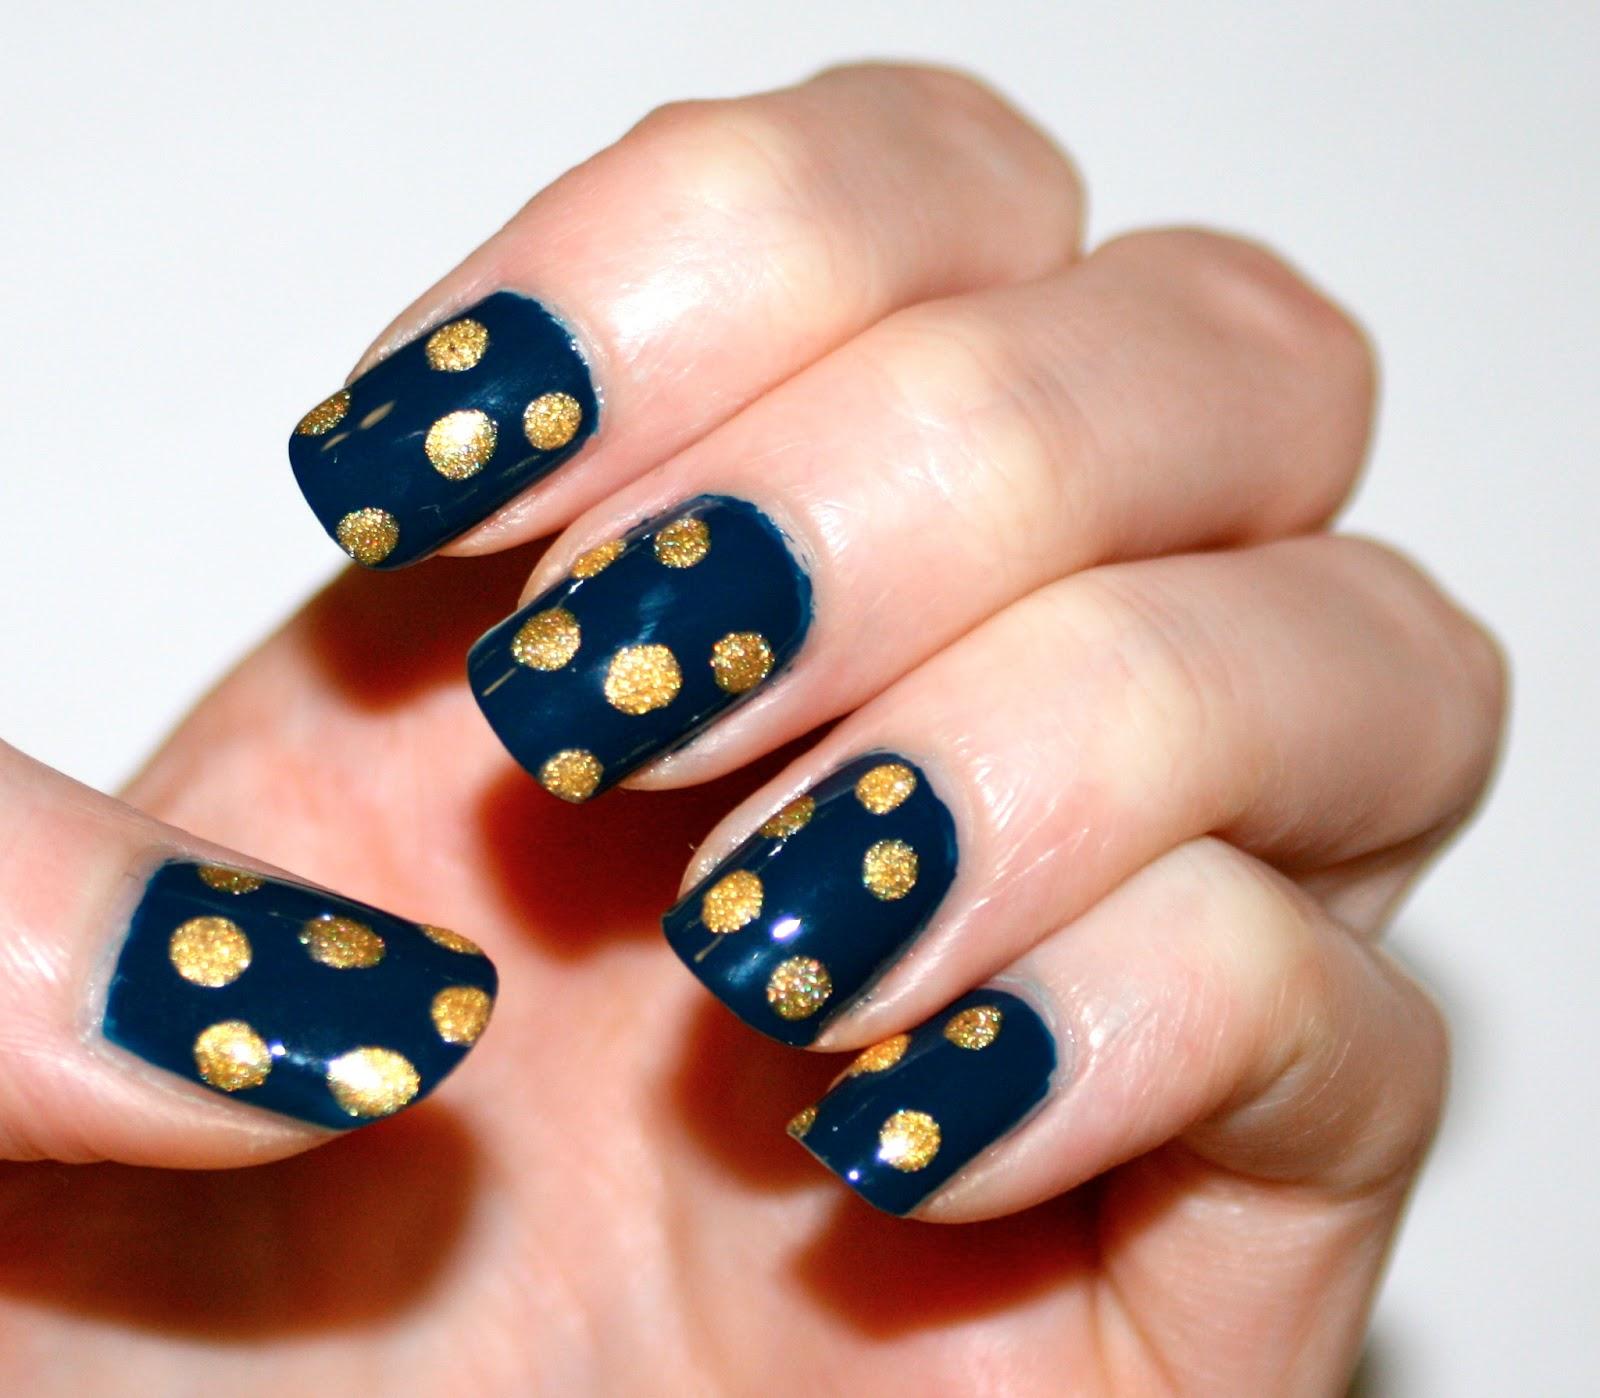 Polka Dot Nail Art: Evlady: Textured Gold Polka Dots Nail Art